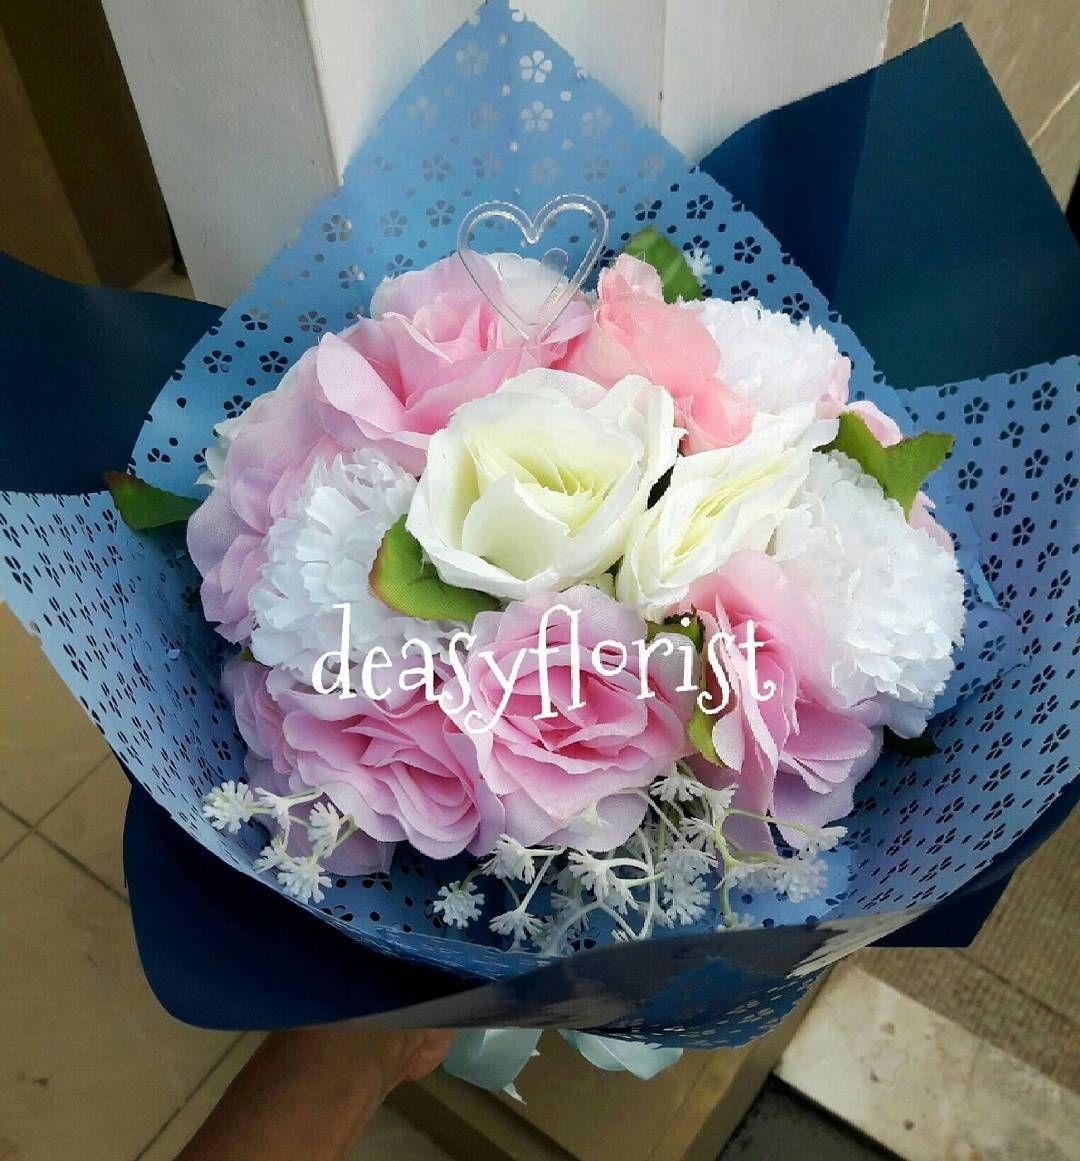 Mawar Mawar Merah Mawar Putih Mawar Biru Mawar Pink Bunga Mawar Buket Mawar Hand Buket Mawar Mawar Mawar Merah Mawar Putih Mawar Biru